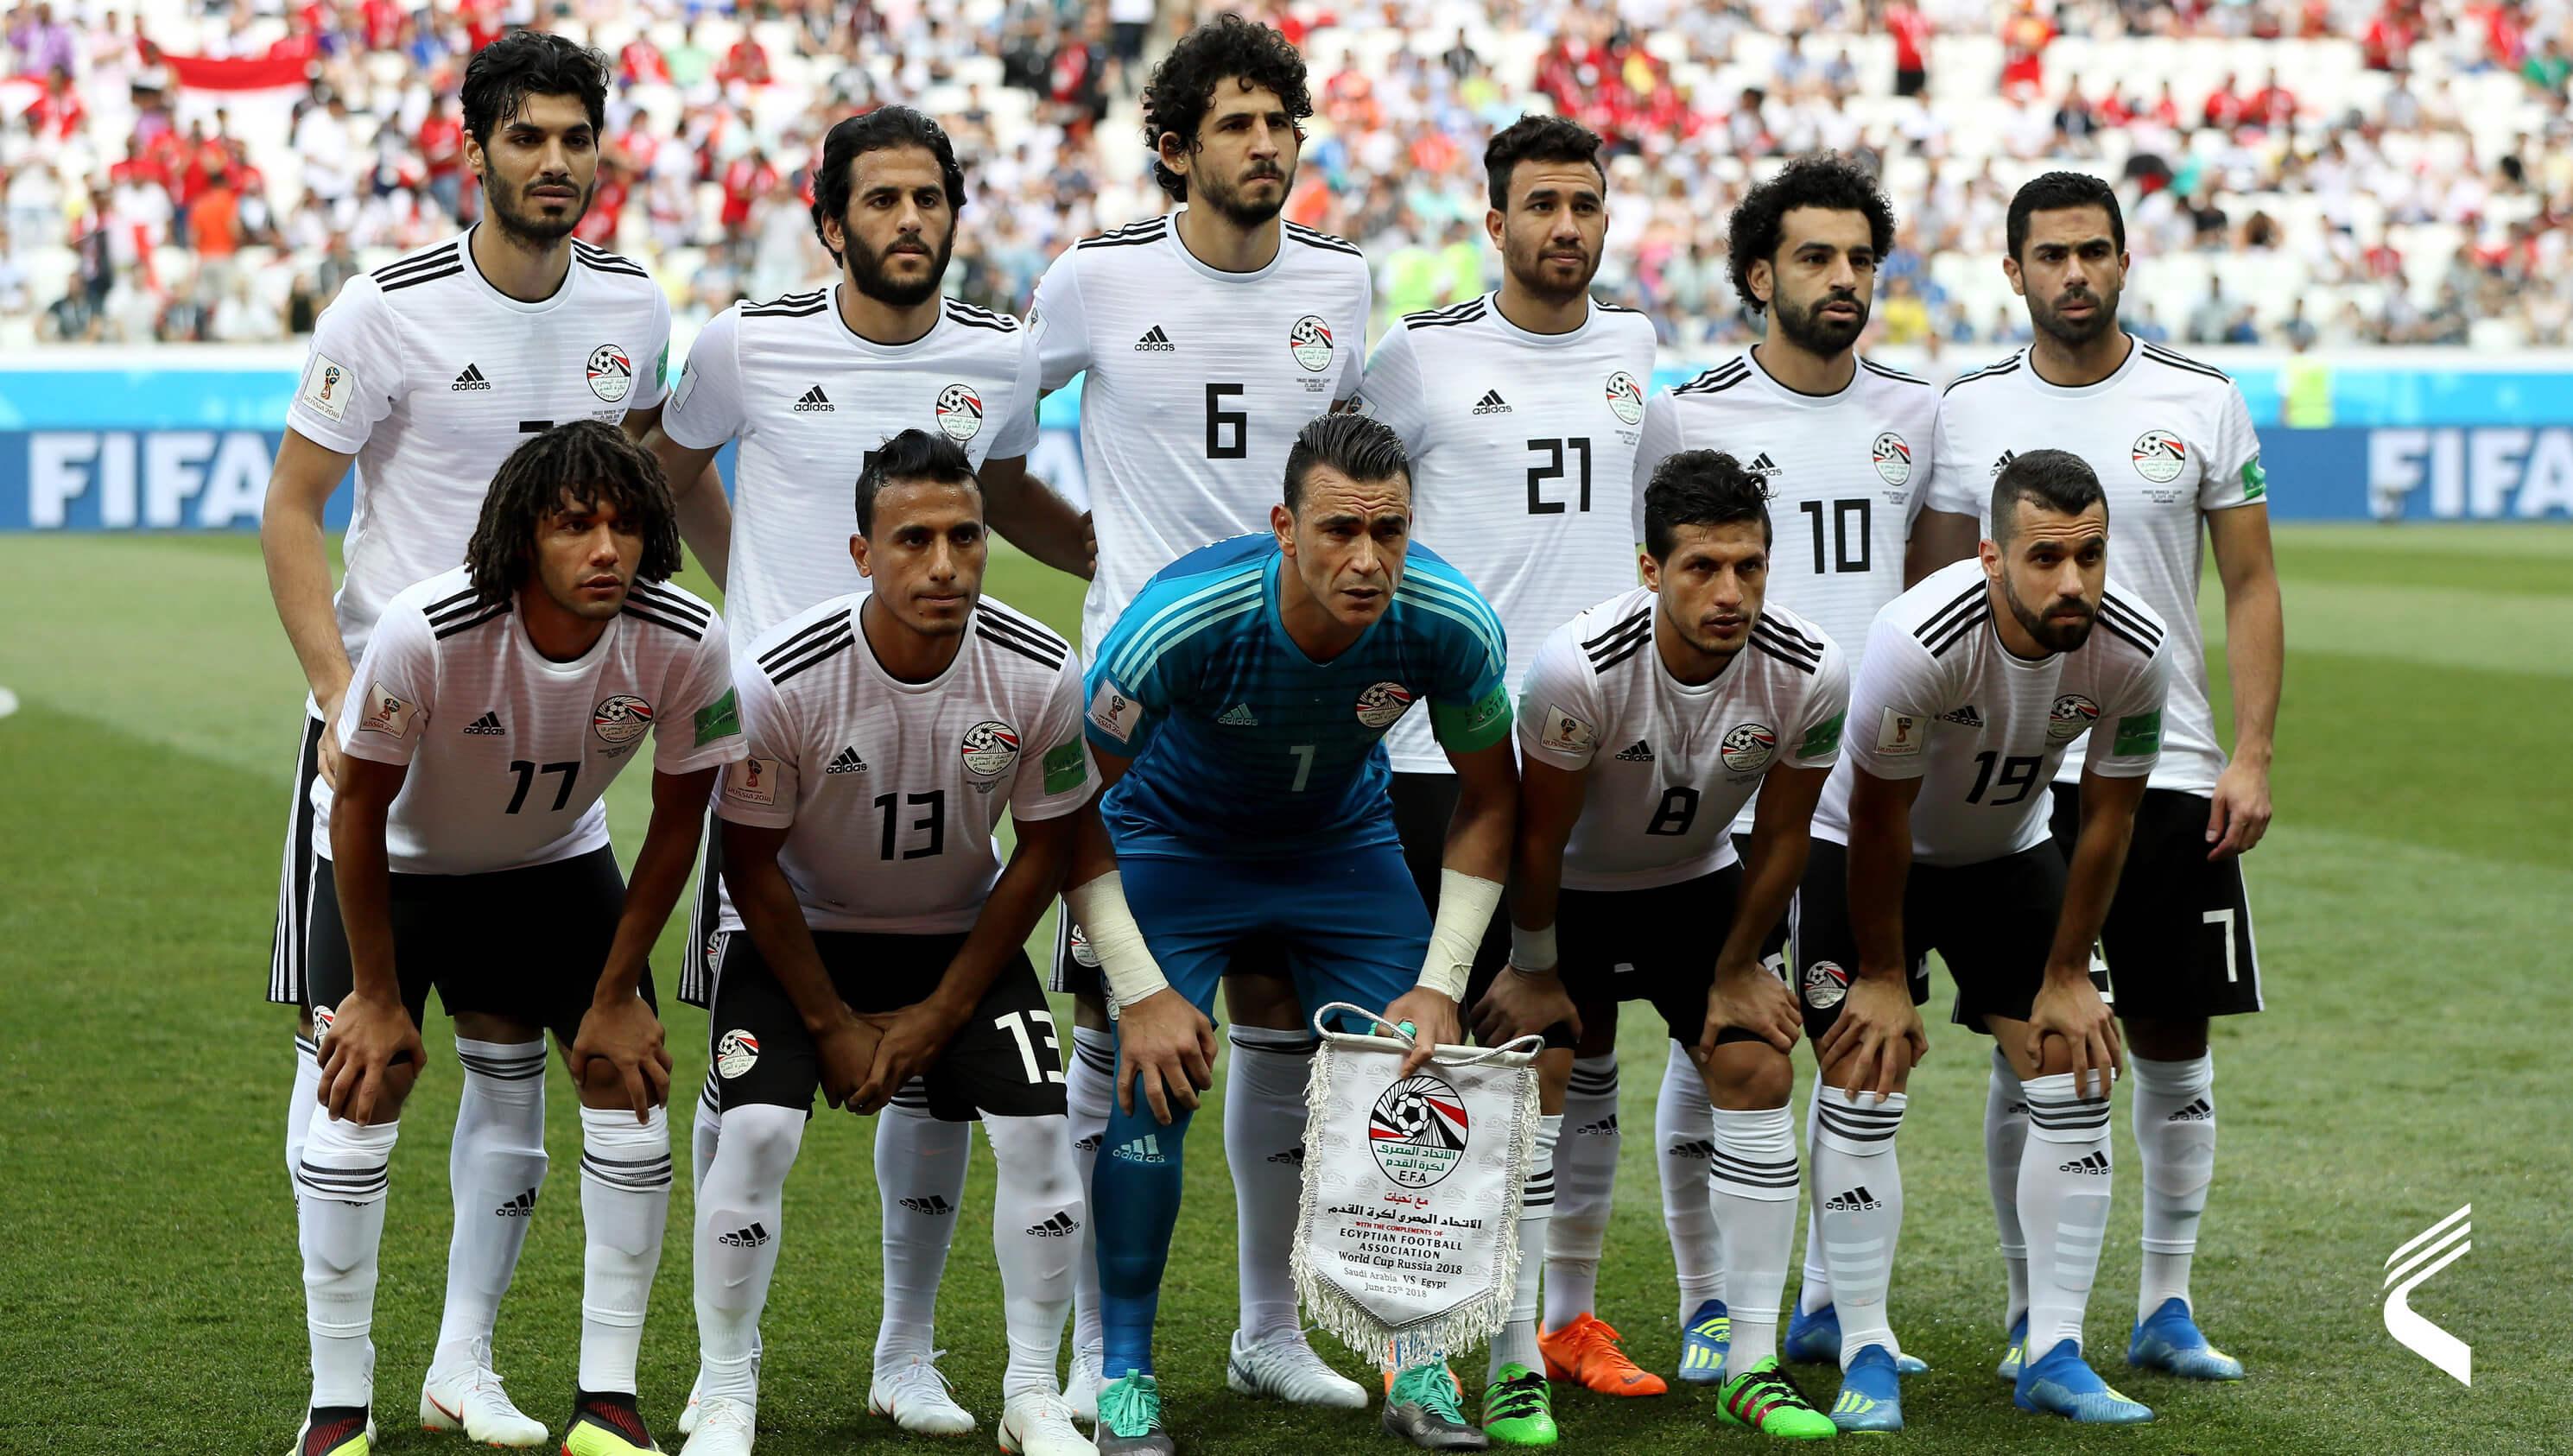 reputable site 6d4da 22e7a Egypt National Team | Catapult Sports